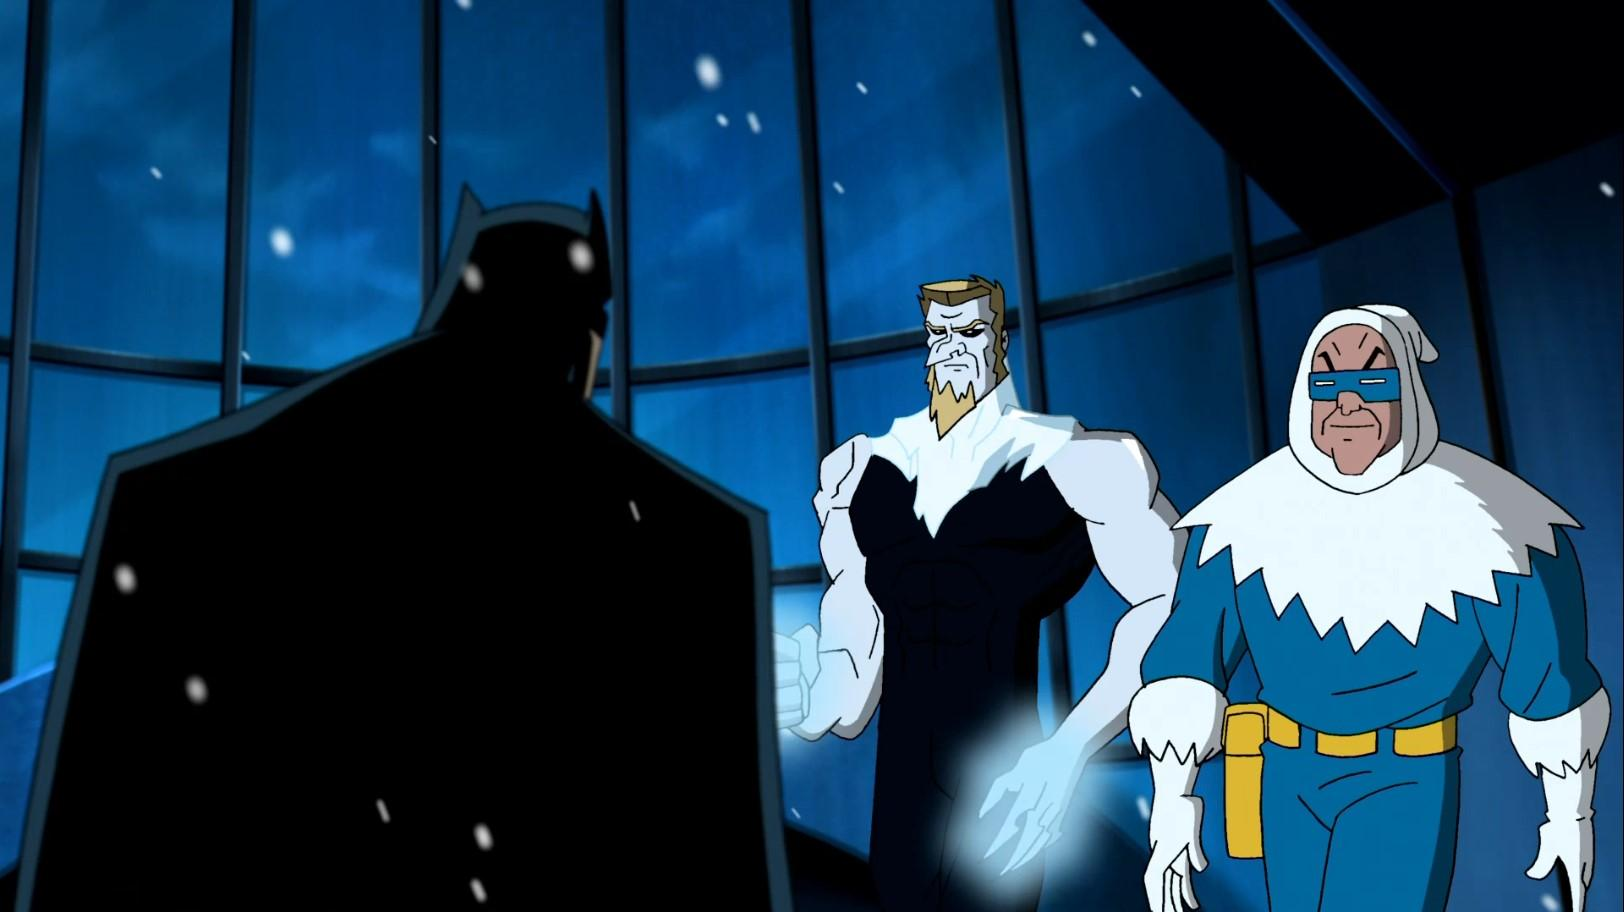 Супермен. Бэтмен: Враги общества